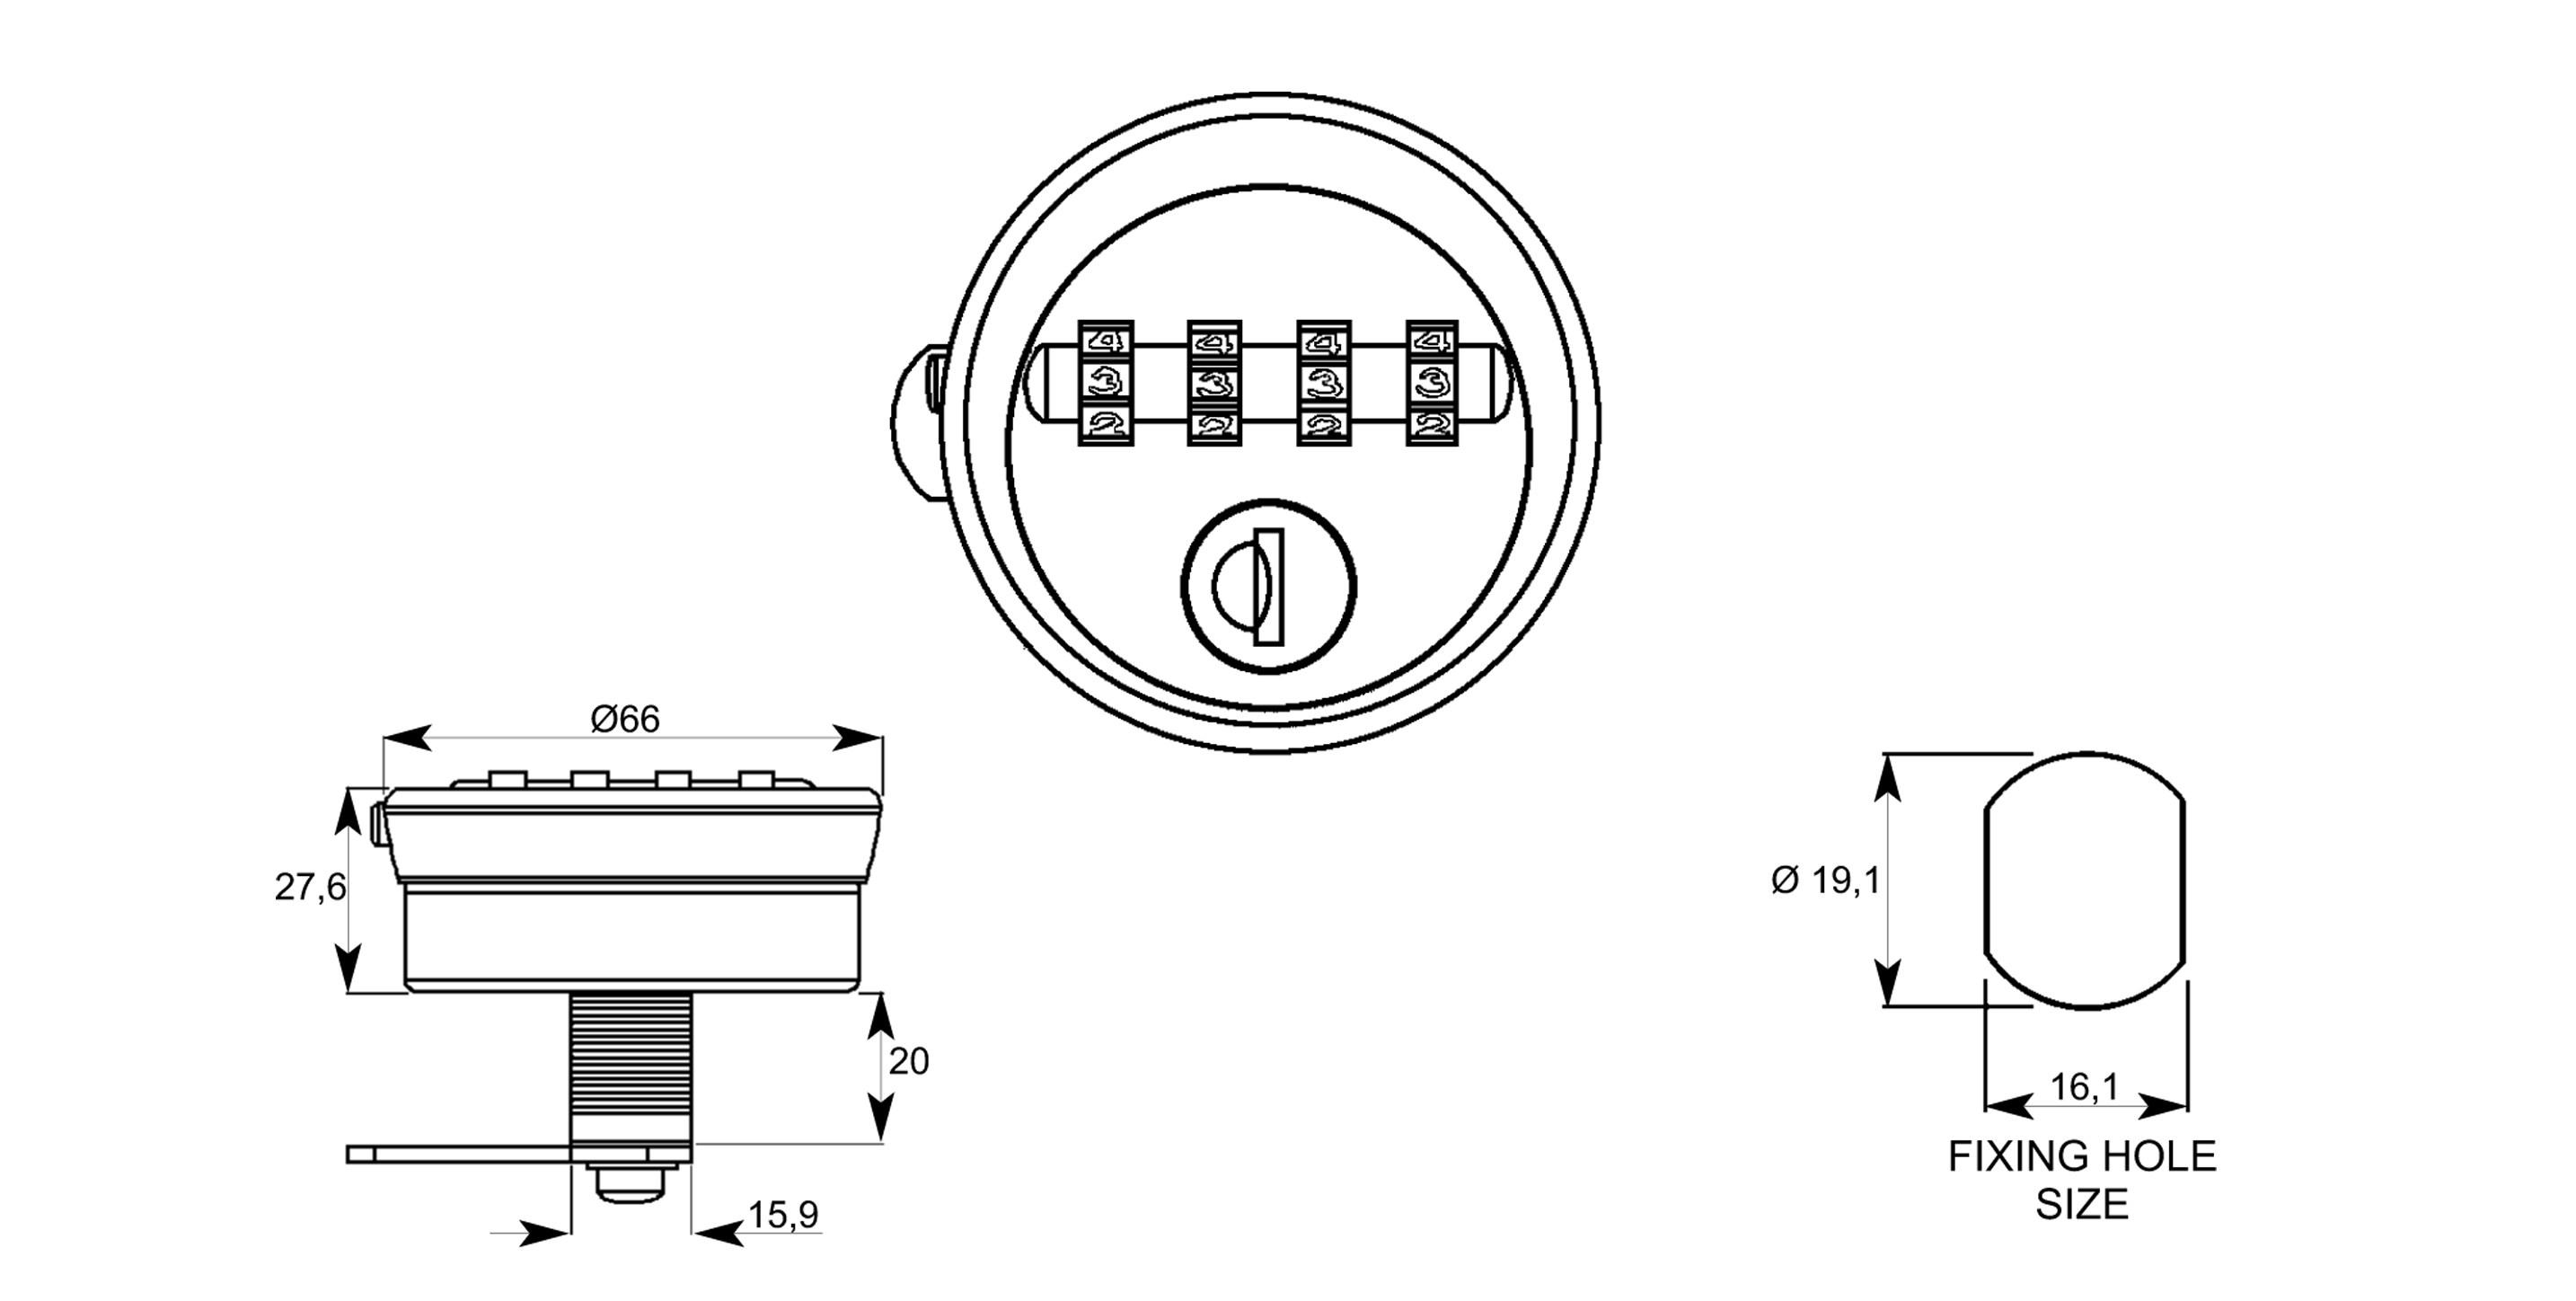 Bv Jeep Locker Wiring Diagram Electric Schematic Wiring